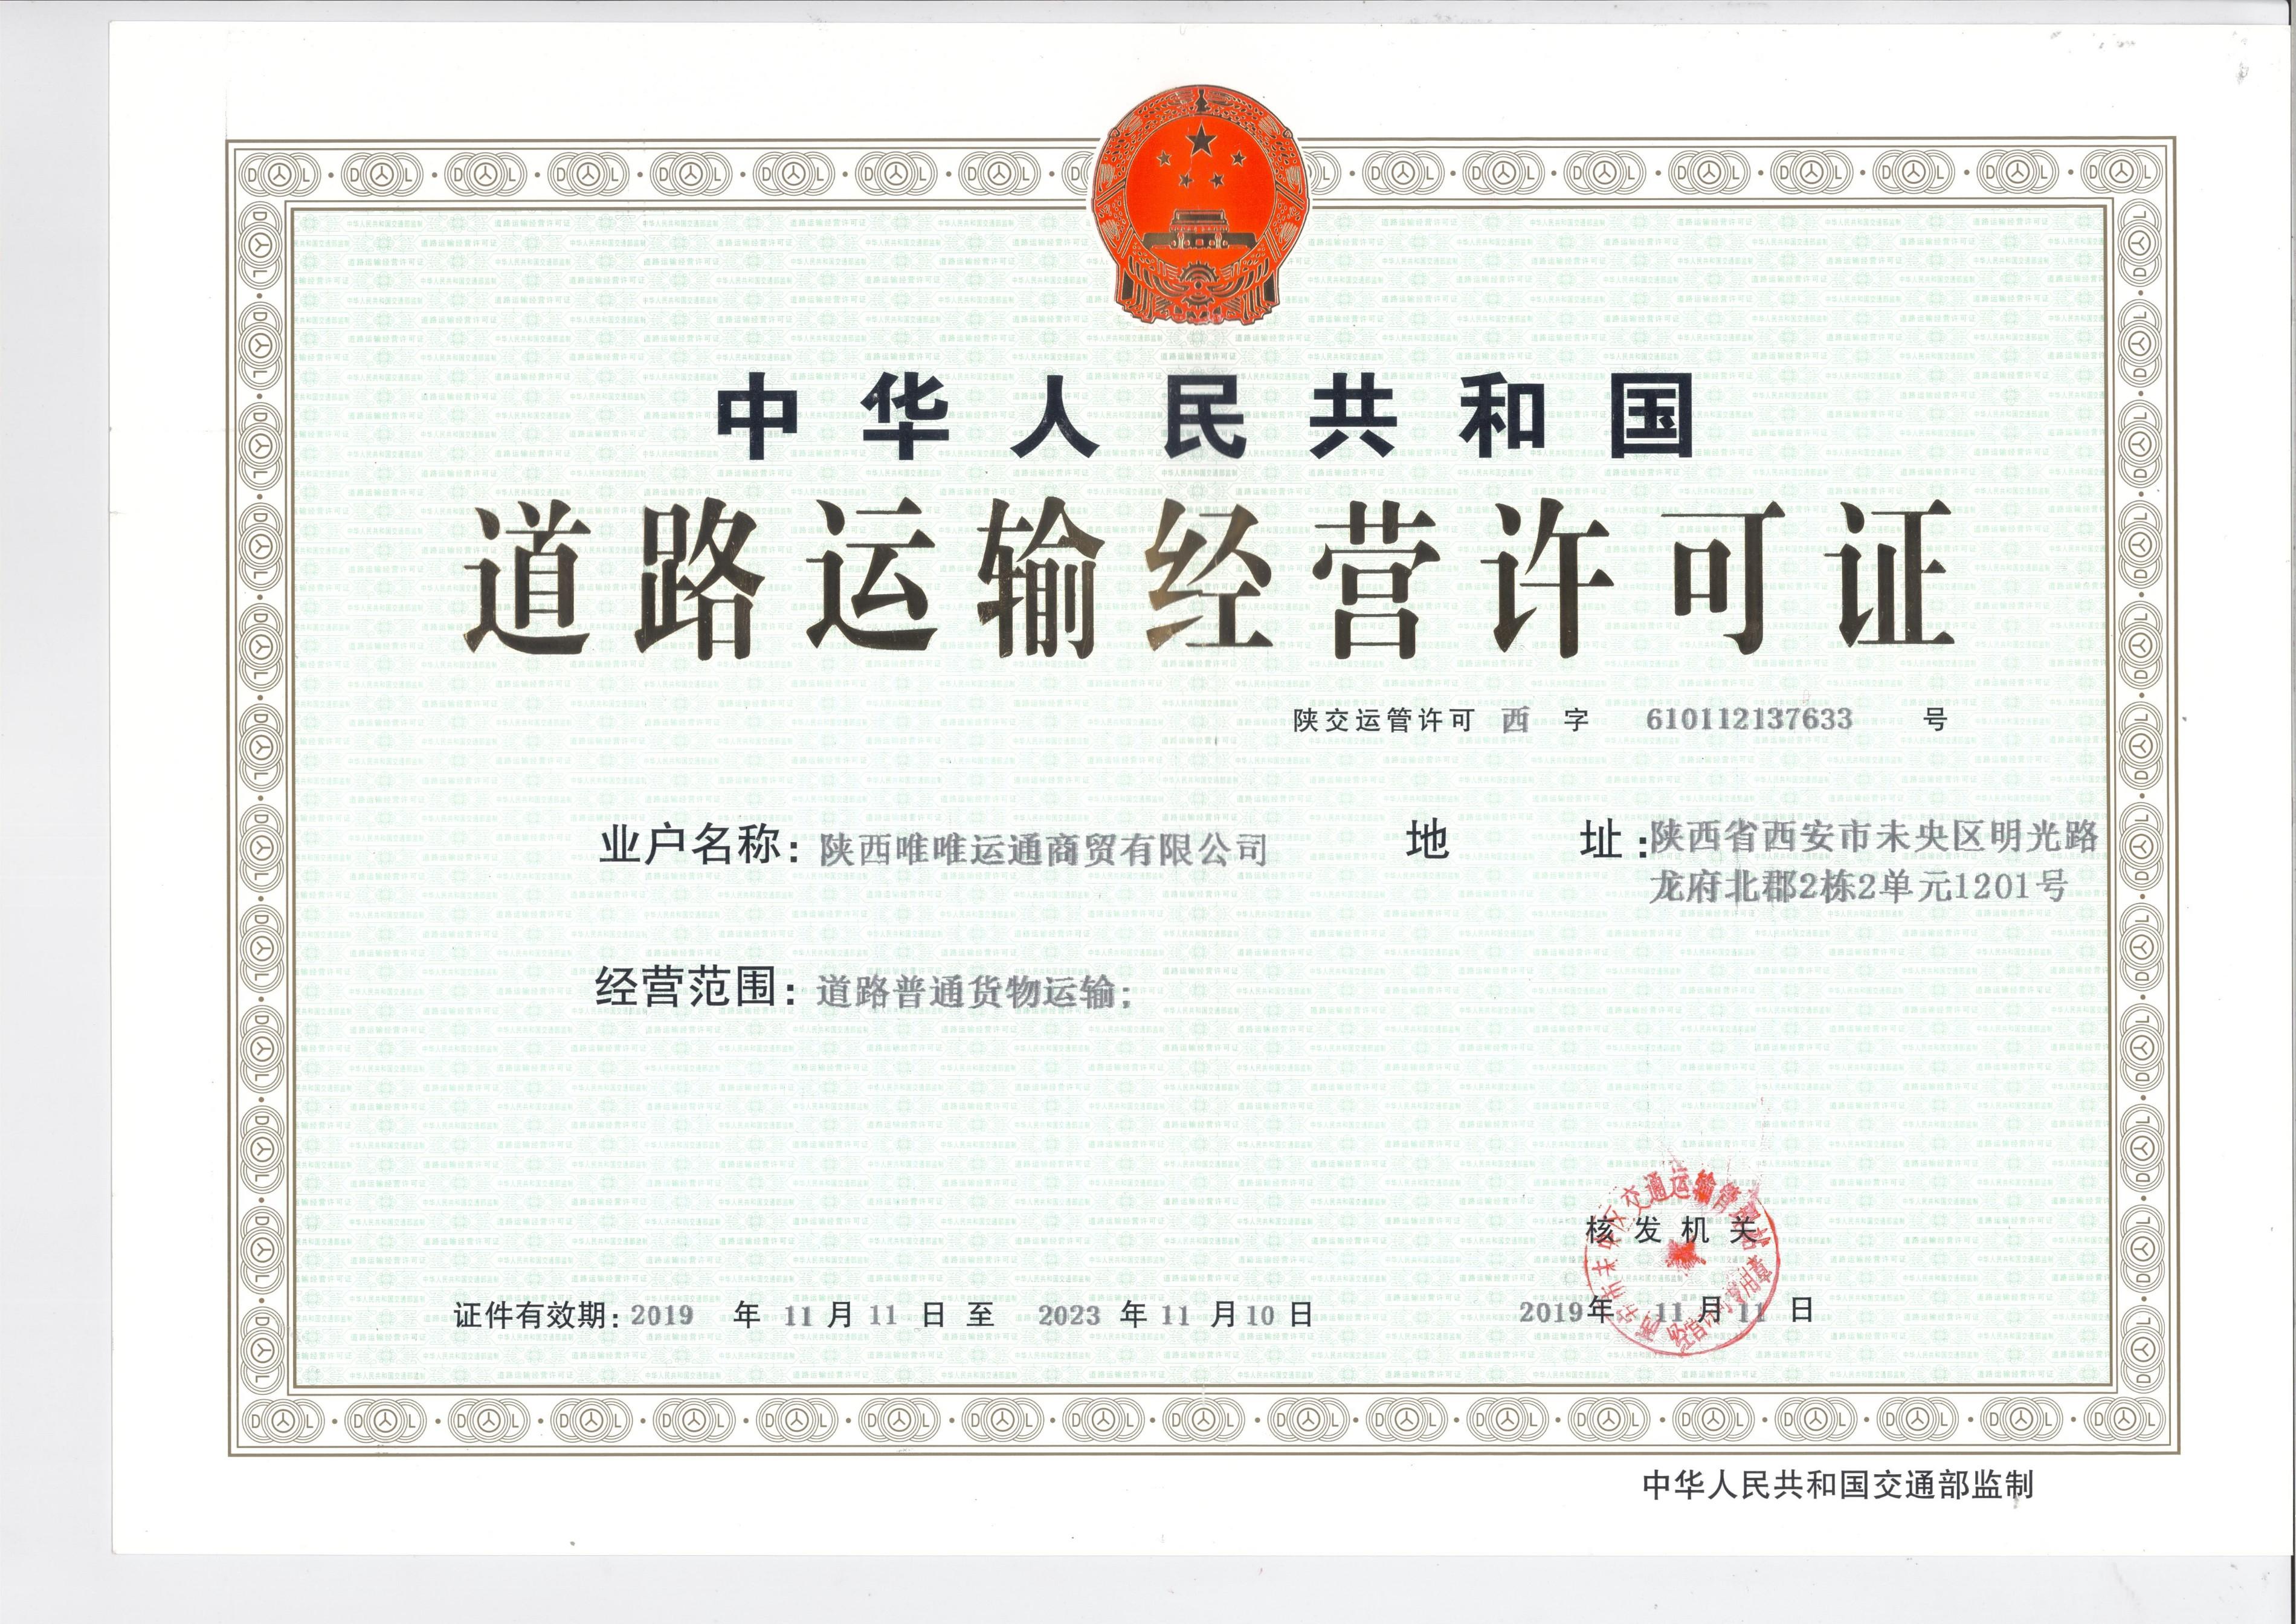 2019/11新办道路运输许可证